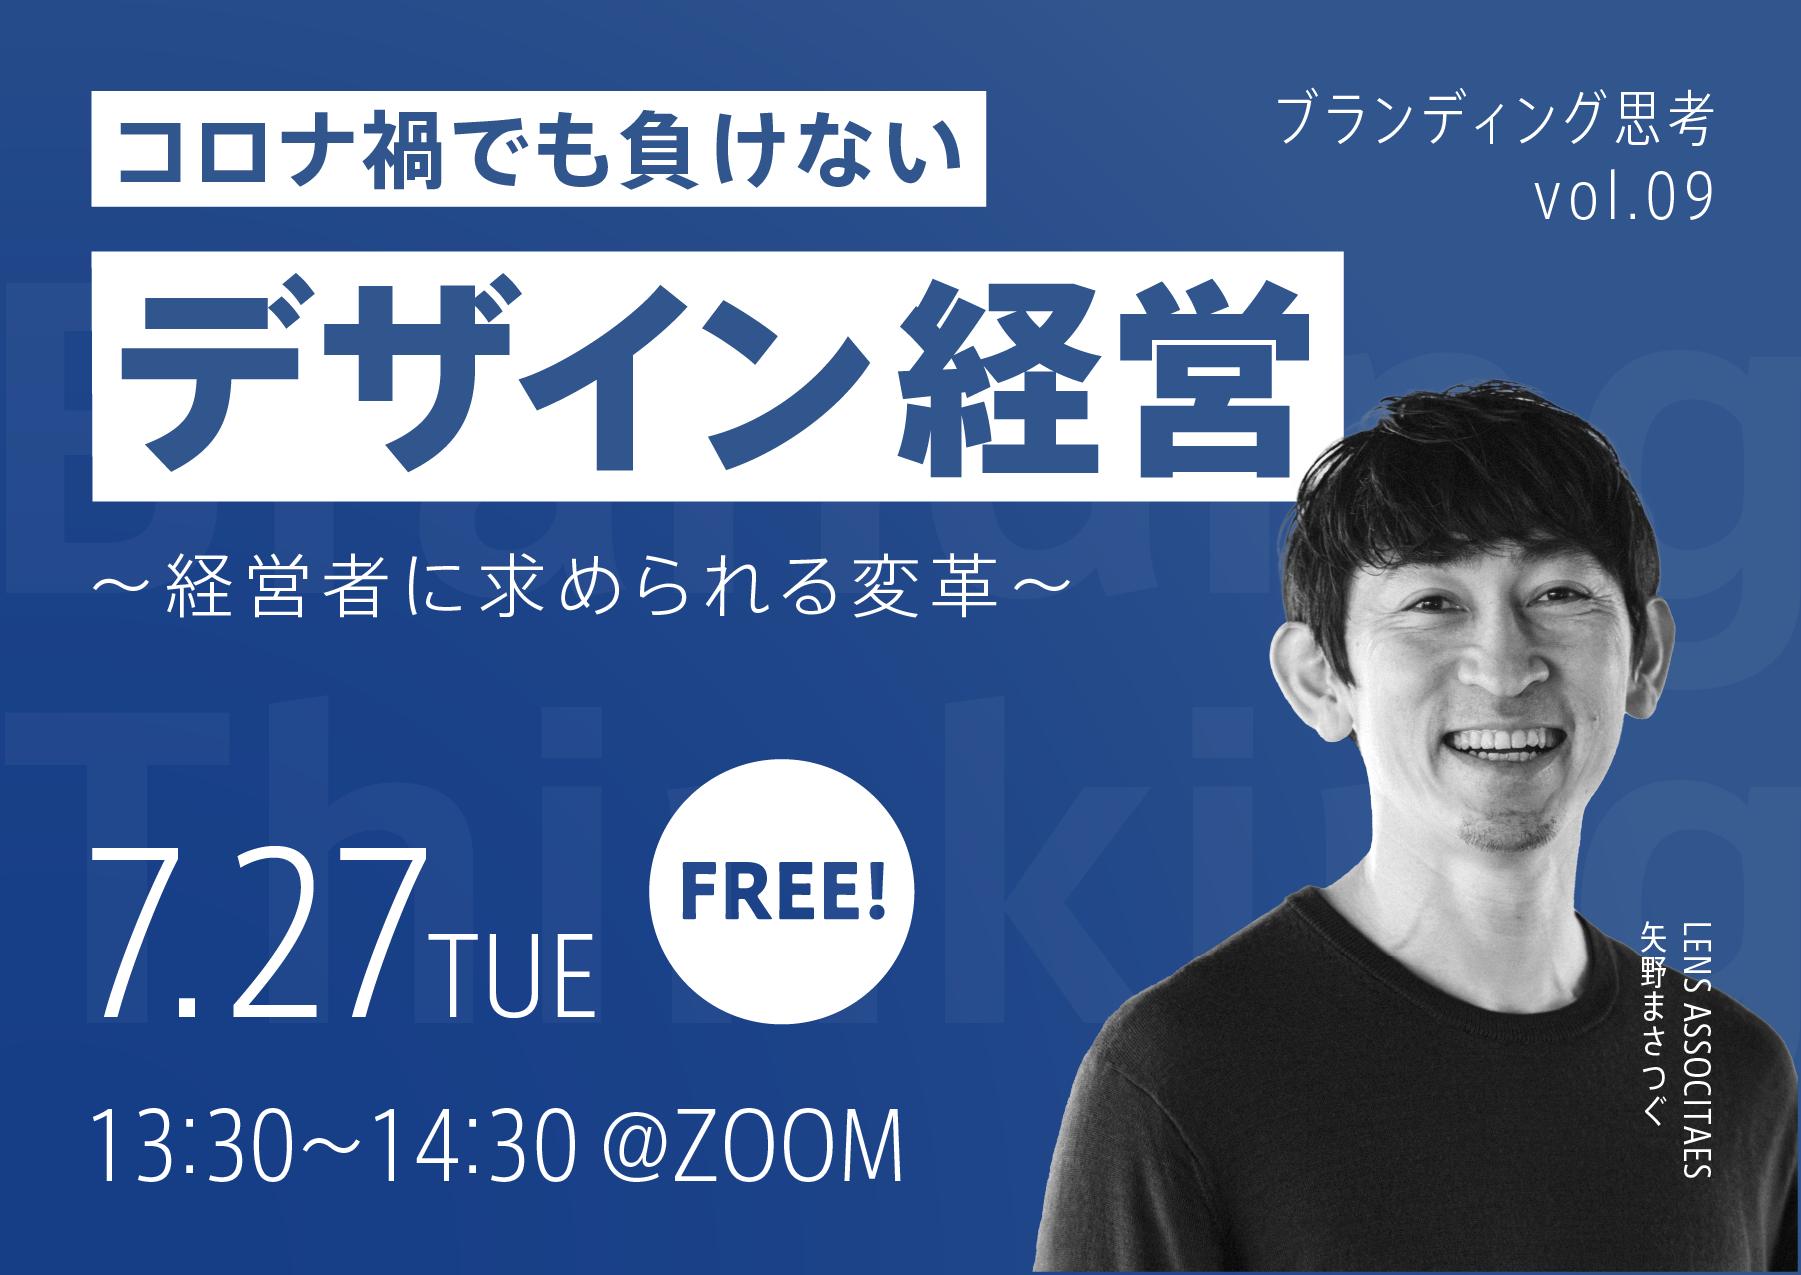 名古屋 ブランディング デザイン クリエイティブ オンラインセミナー ブランディング思考 矢野まさつぐ セミナー 無料セミナー ウェビナー デザイン経営